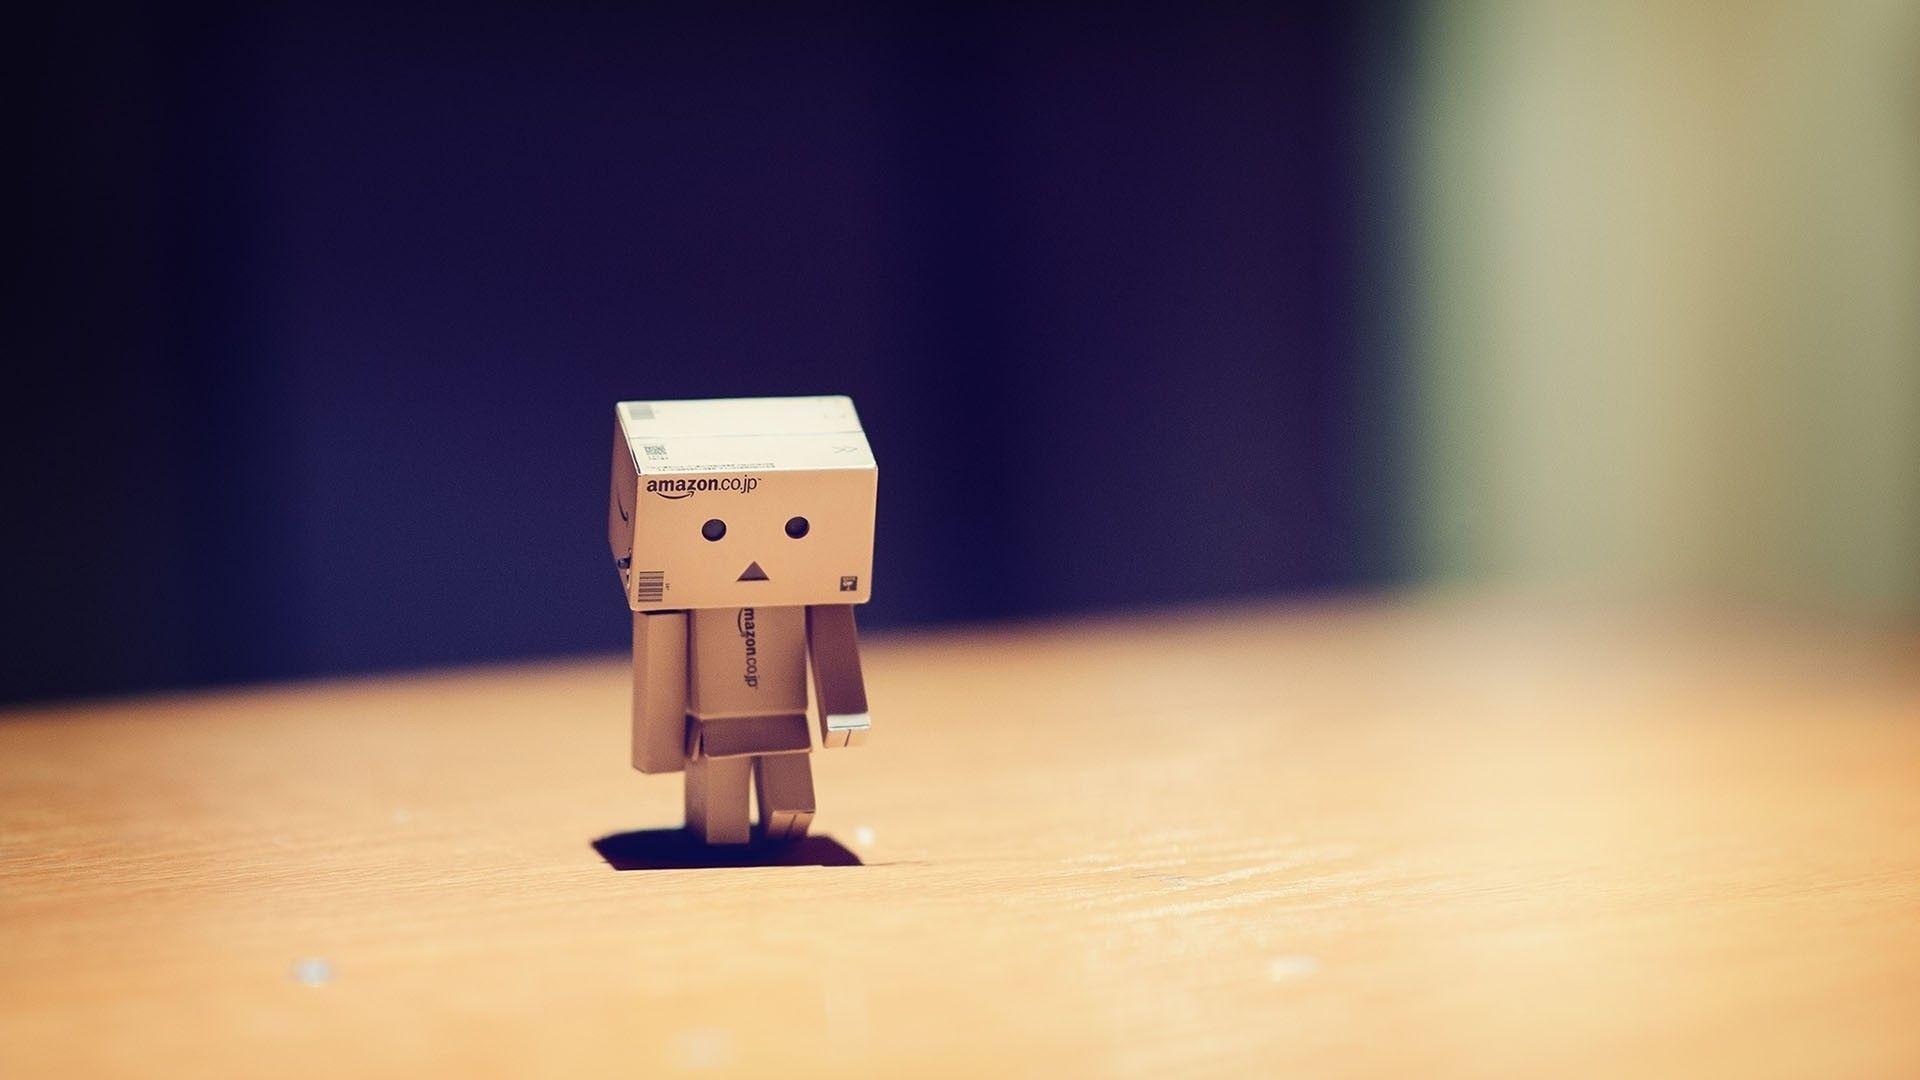 Danbo alone sad 1920x1080 sad via wwwallwallpaperin 1920x1080